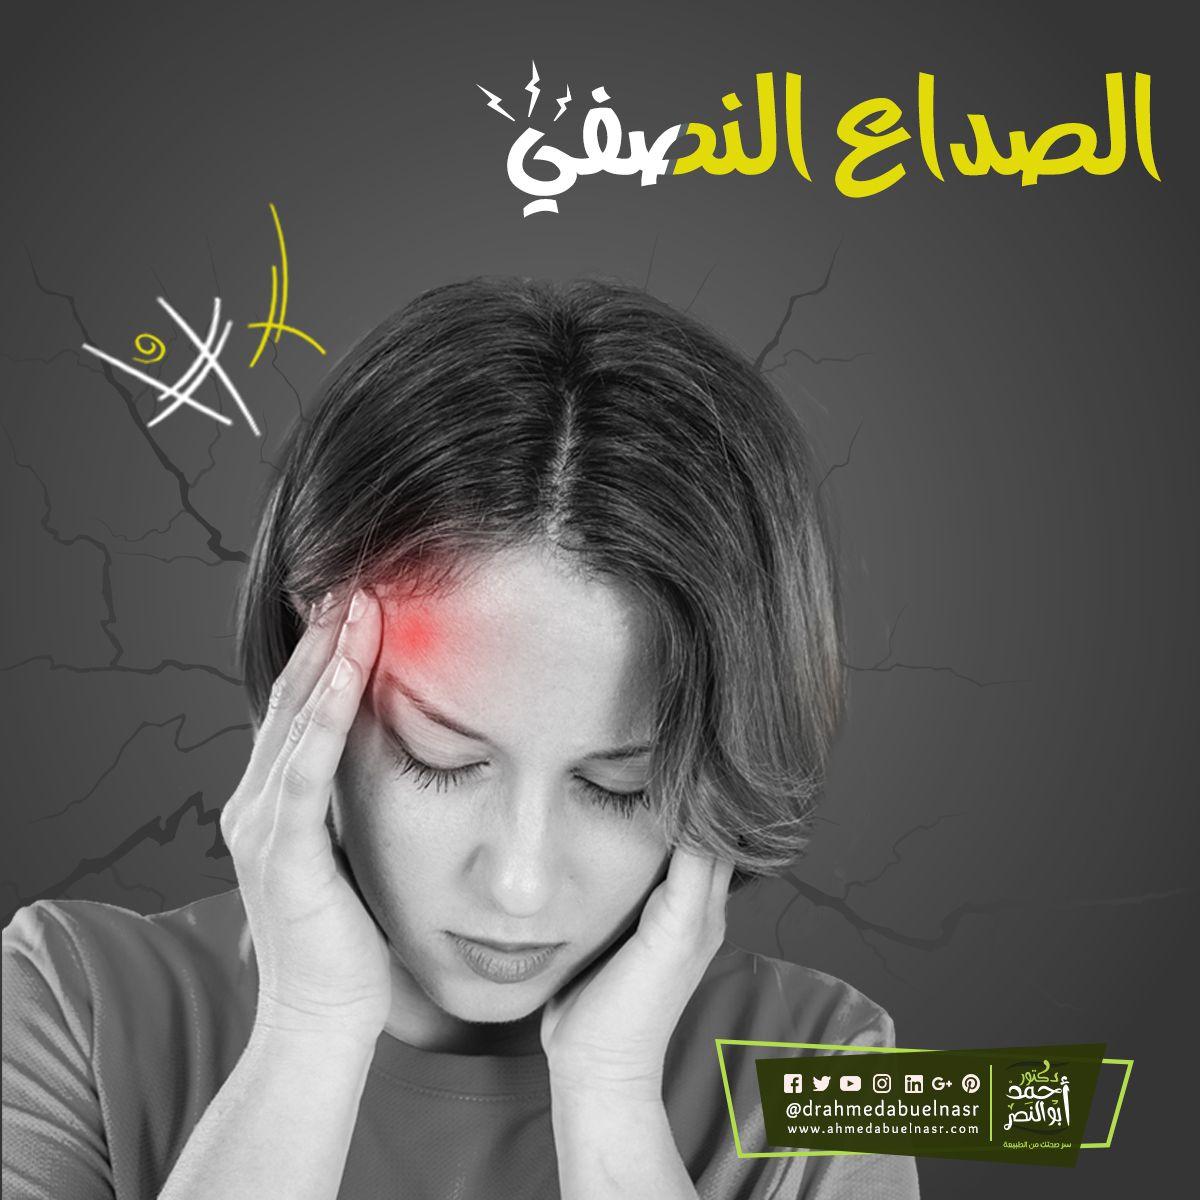 الصداع النصفي أو عرض الشقيقة الصداع النصفي أو الشقيقة يعتبرعرض وليس مرض ولكنه العرض الأكثر إنتشارا وهو ألم في الرأس ويأتي ع Poster Movie Posters Movies